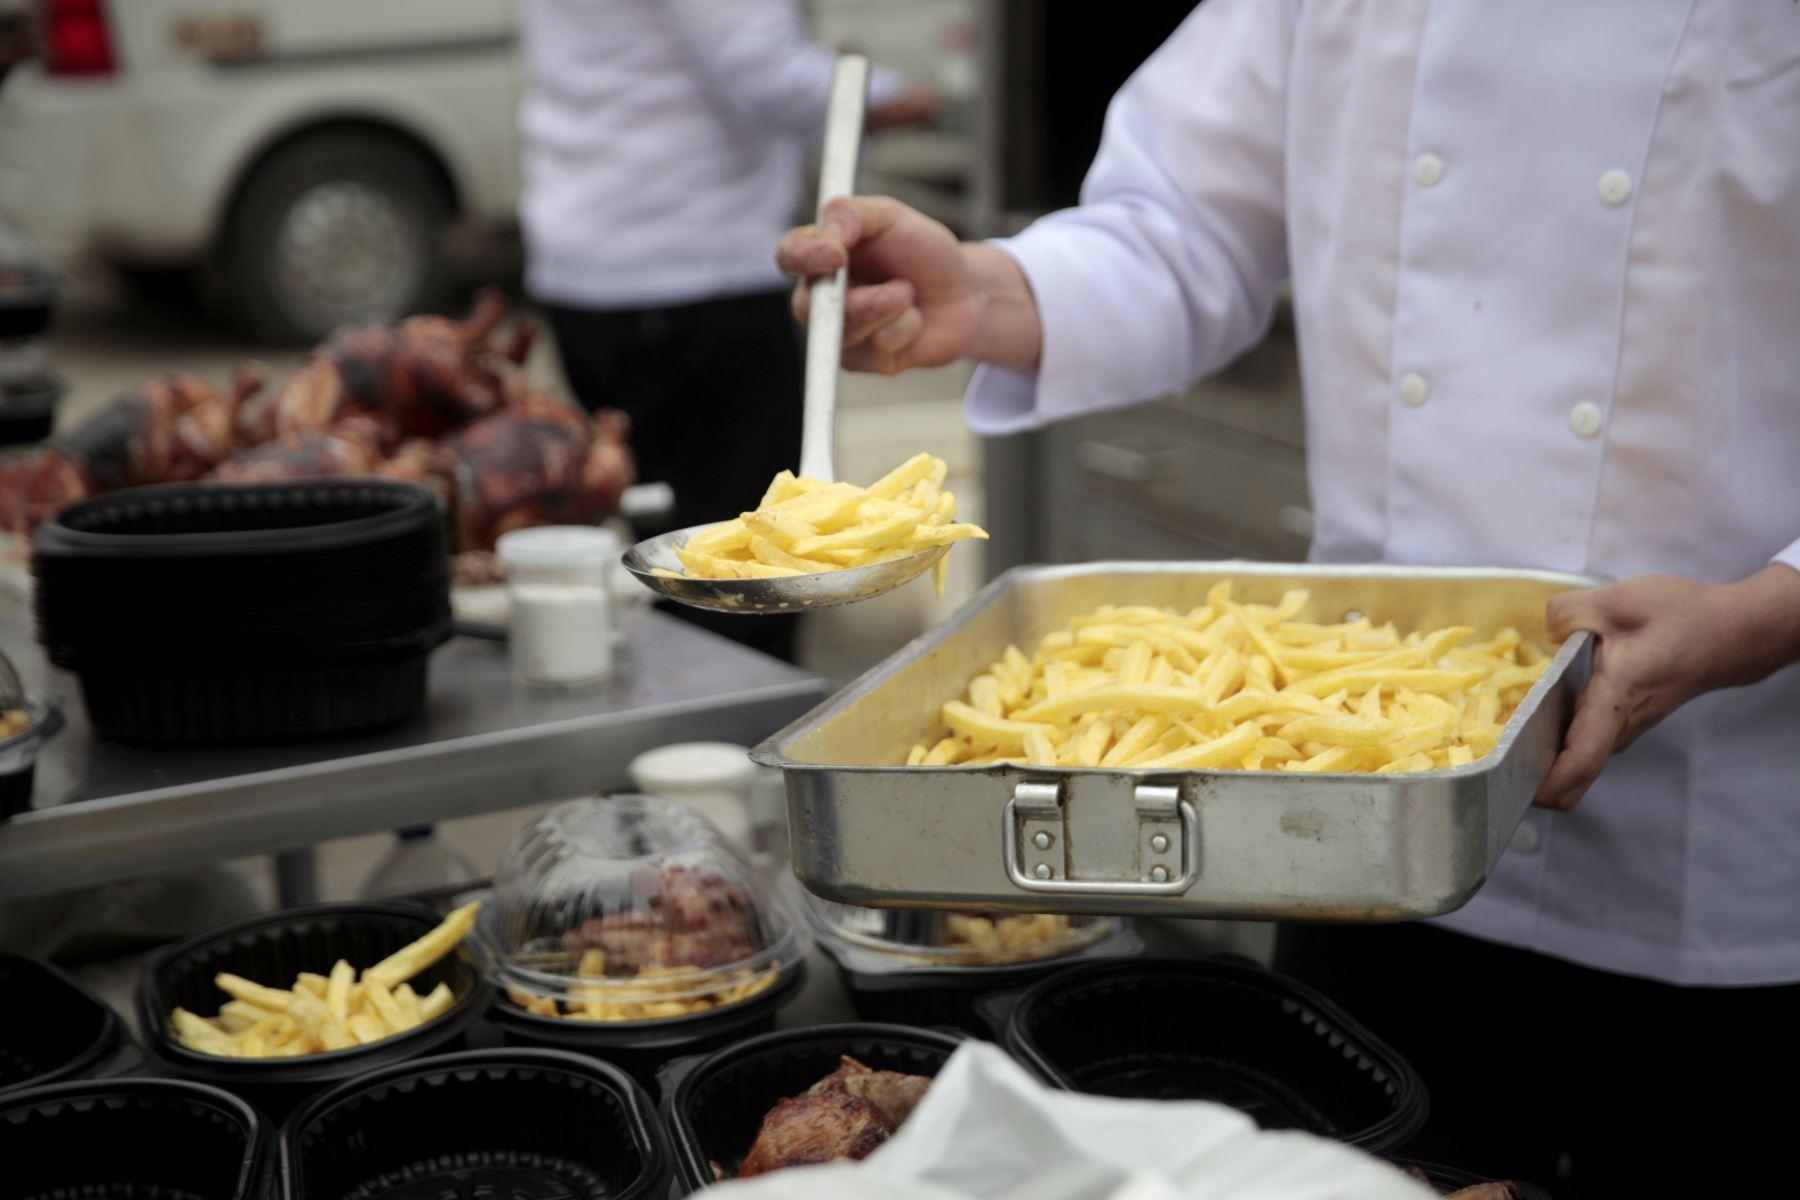 Como antesala al día del Pollo a la Brasa, la Asociación Peruana de Avicultura comparte almuerzo para los niños del Puericultorio Pérez Araníbar en coordinación con el MINAGRI y los restaurantes del segmento. Foto: ANDINA/Miguel Mejía